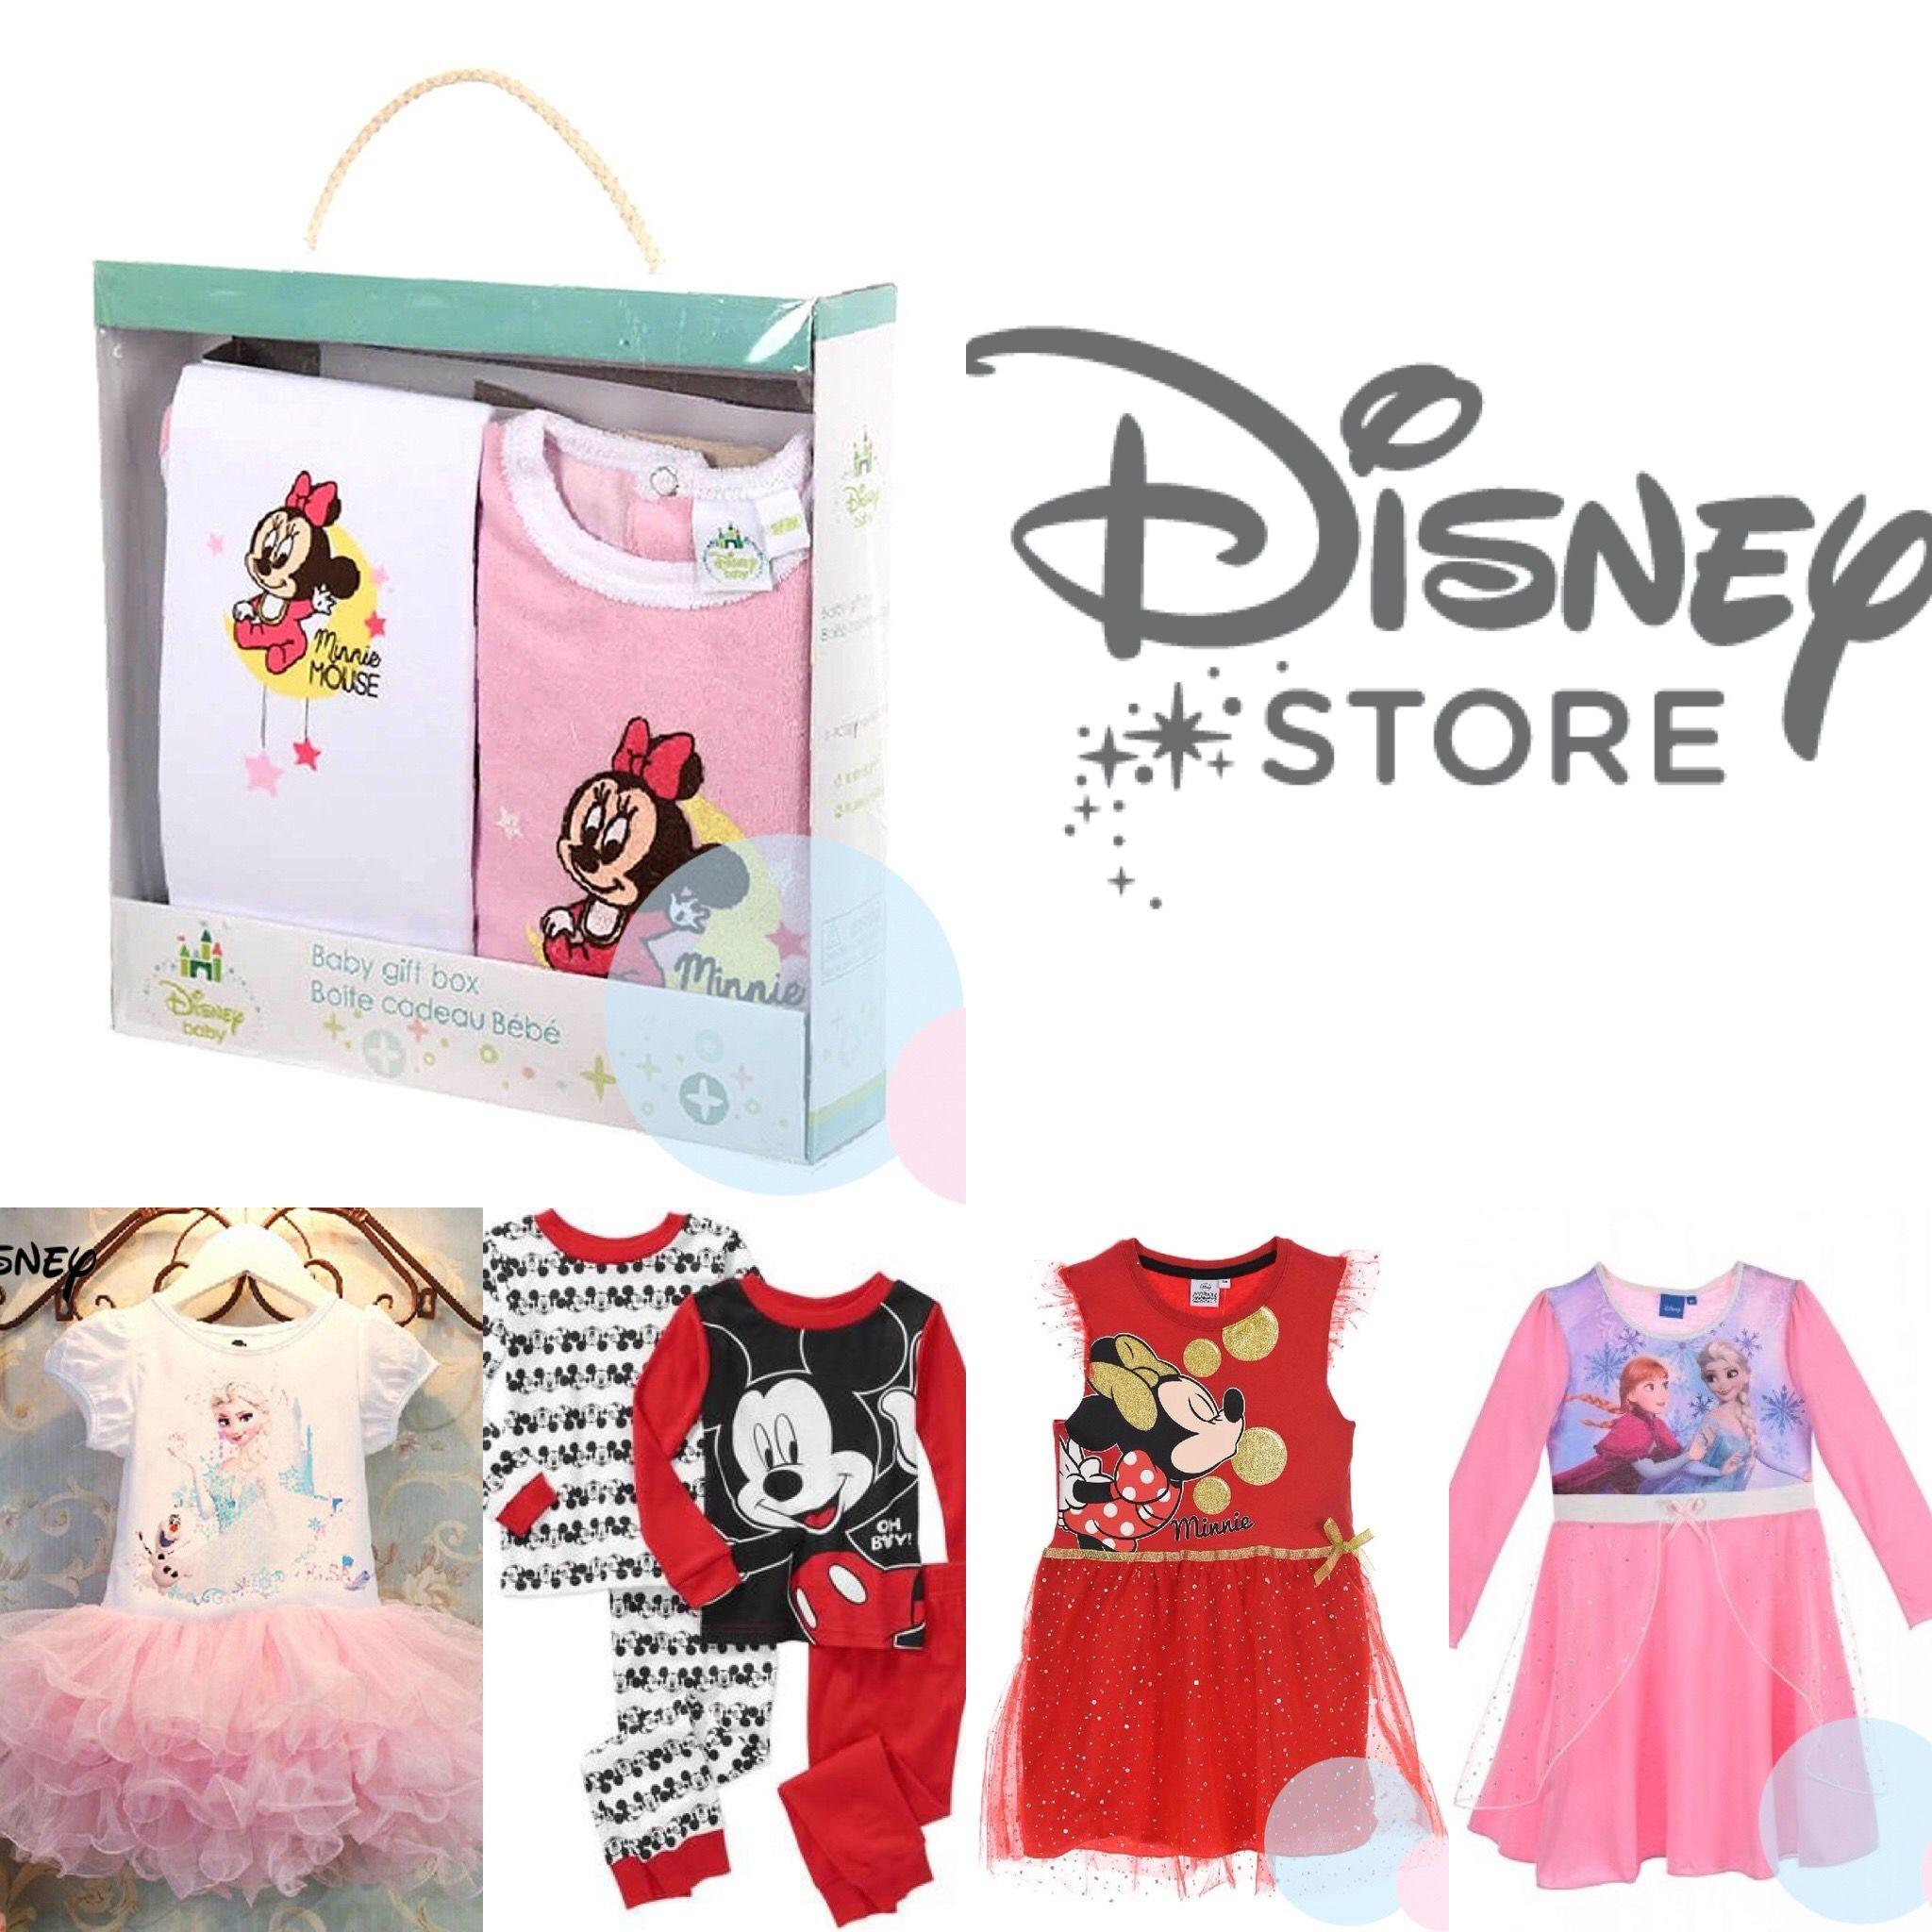 872e5bf8c šaty, pyžamá, tričká značky disney pre deti a kojencov. eshop s detským  oblečením. Rýchle dodanie aj na dobierku.